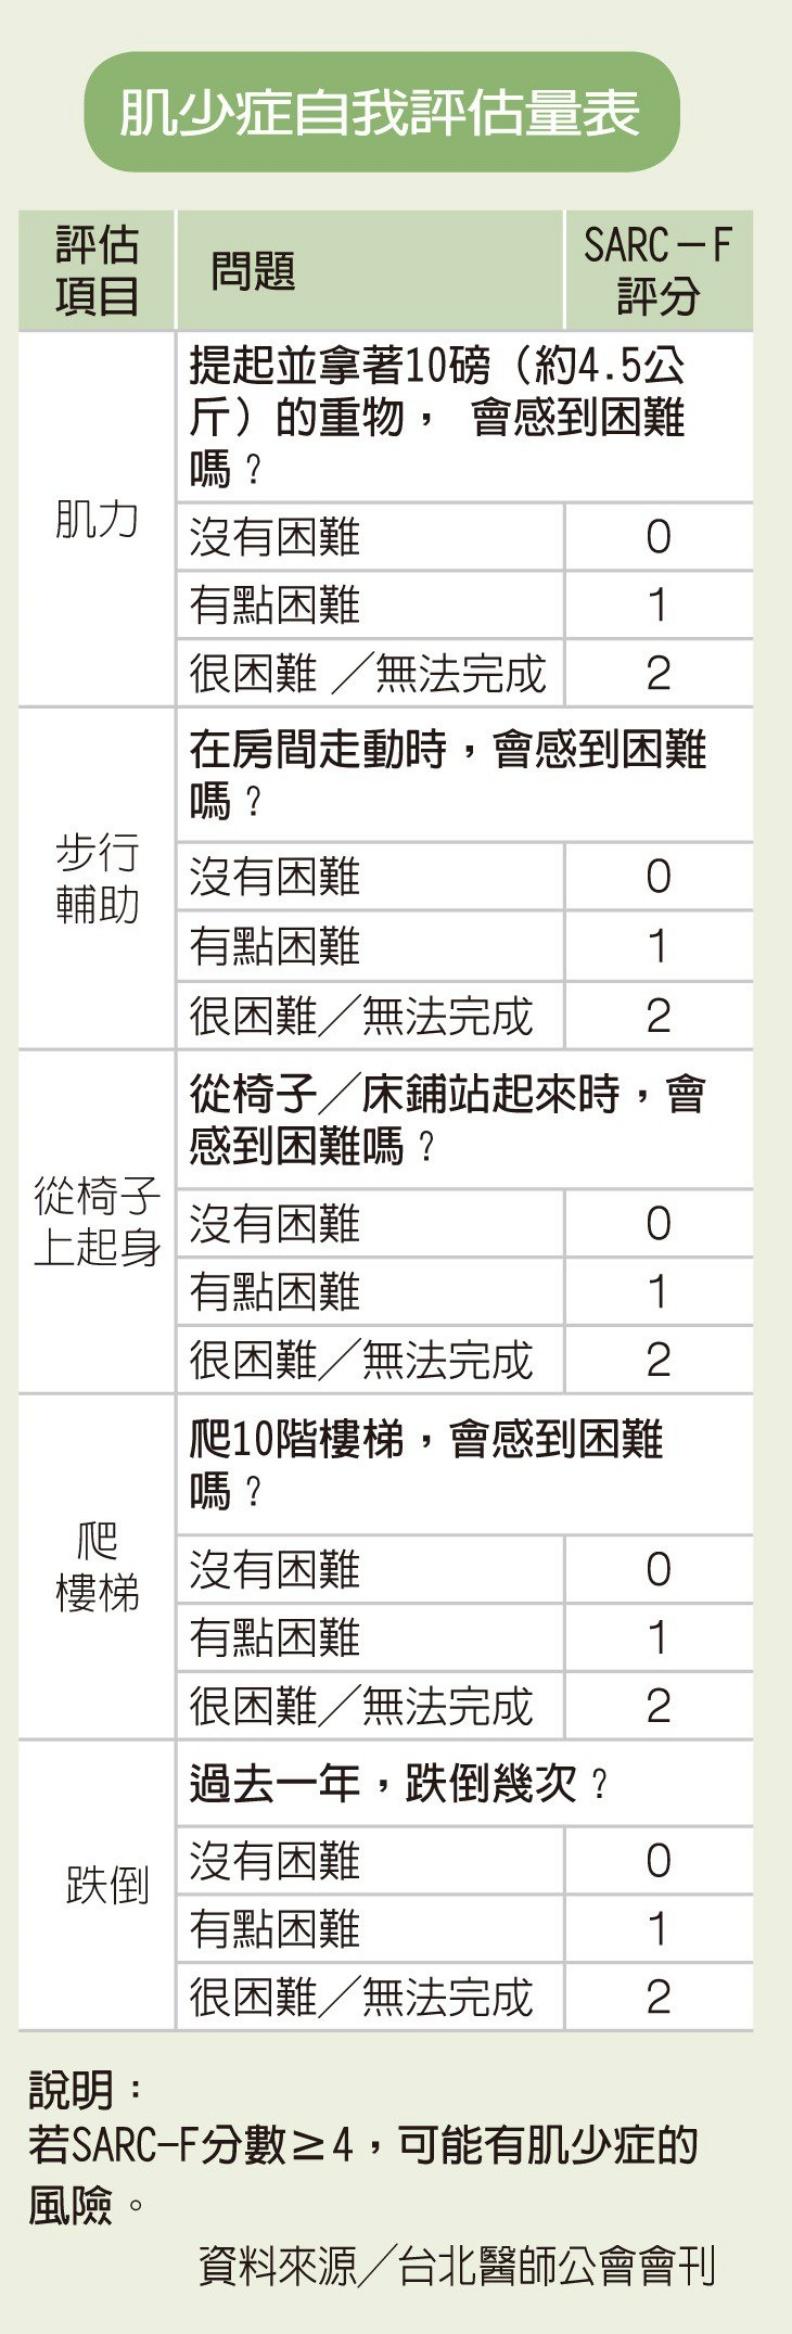 肌少症自我評估量表。聯合新聞網提供